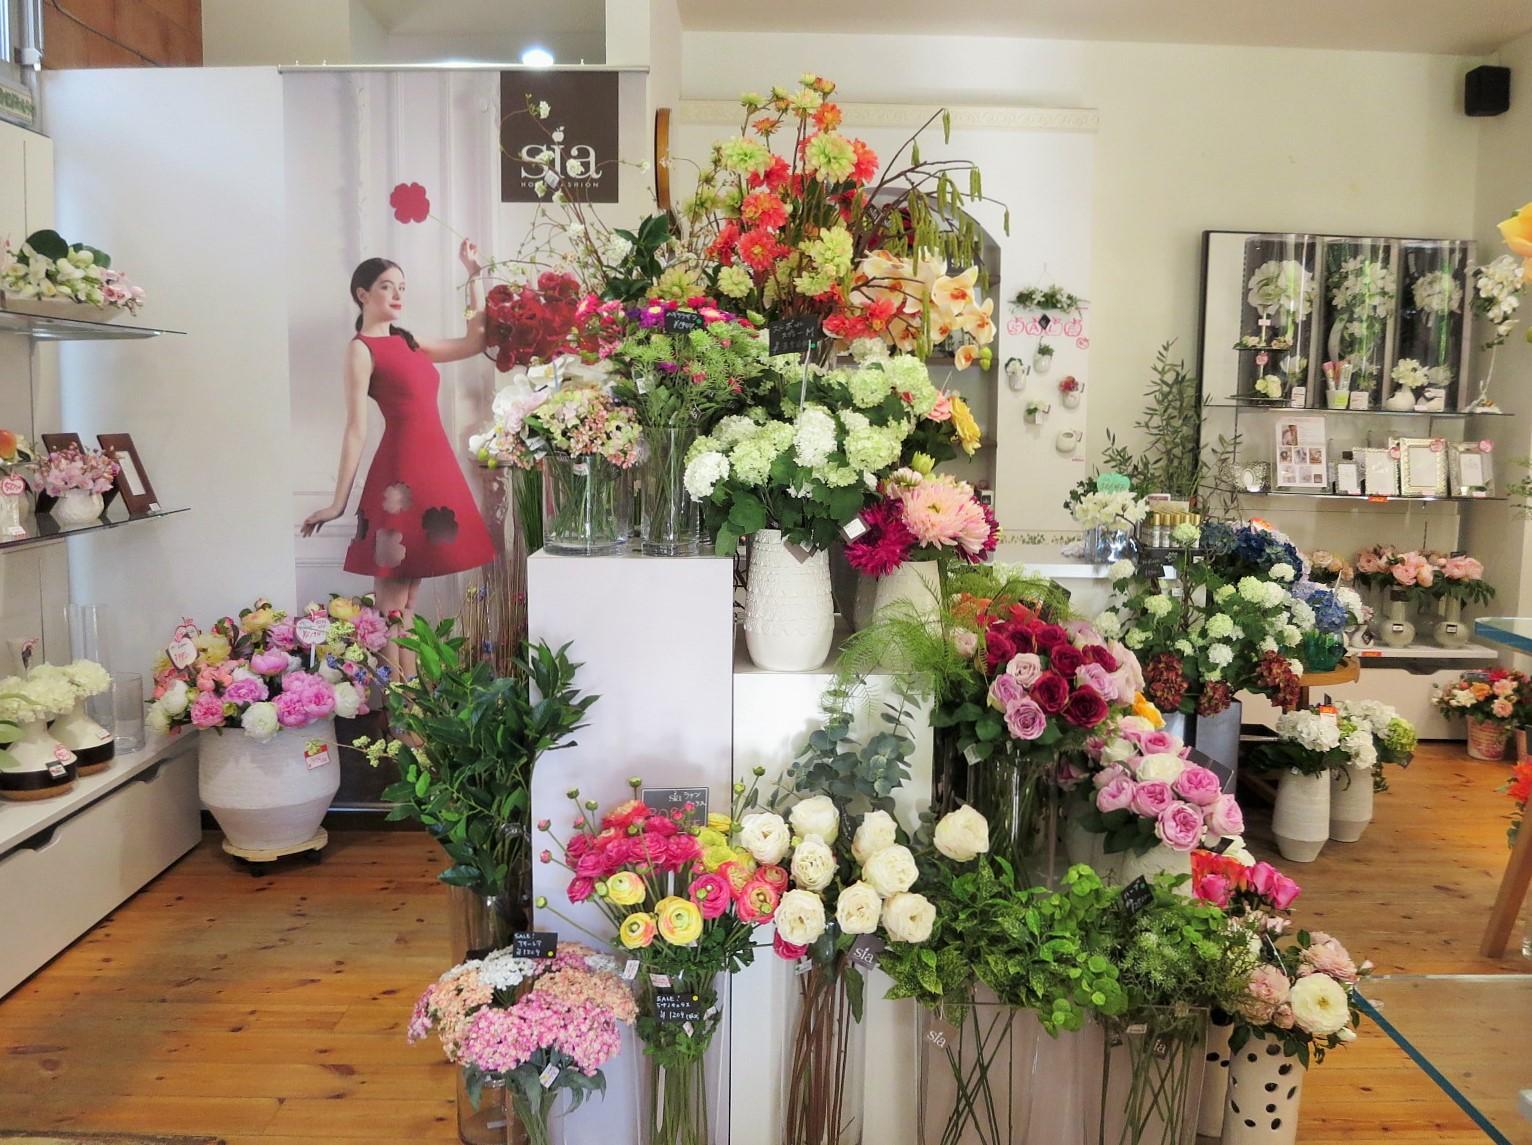 Home Fashion sia・チャーチストリート軽井沢店☆夏のセール中!!_f0236260_16424966.jpg